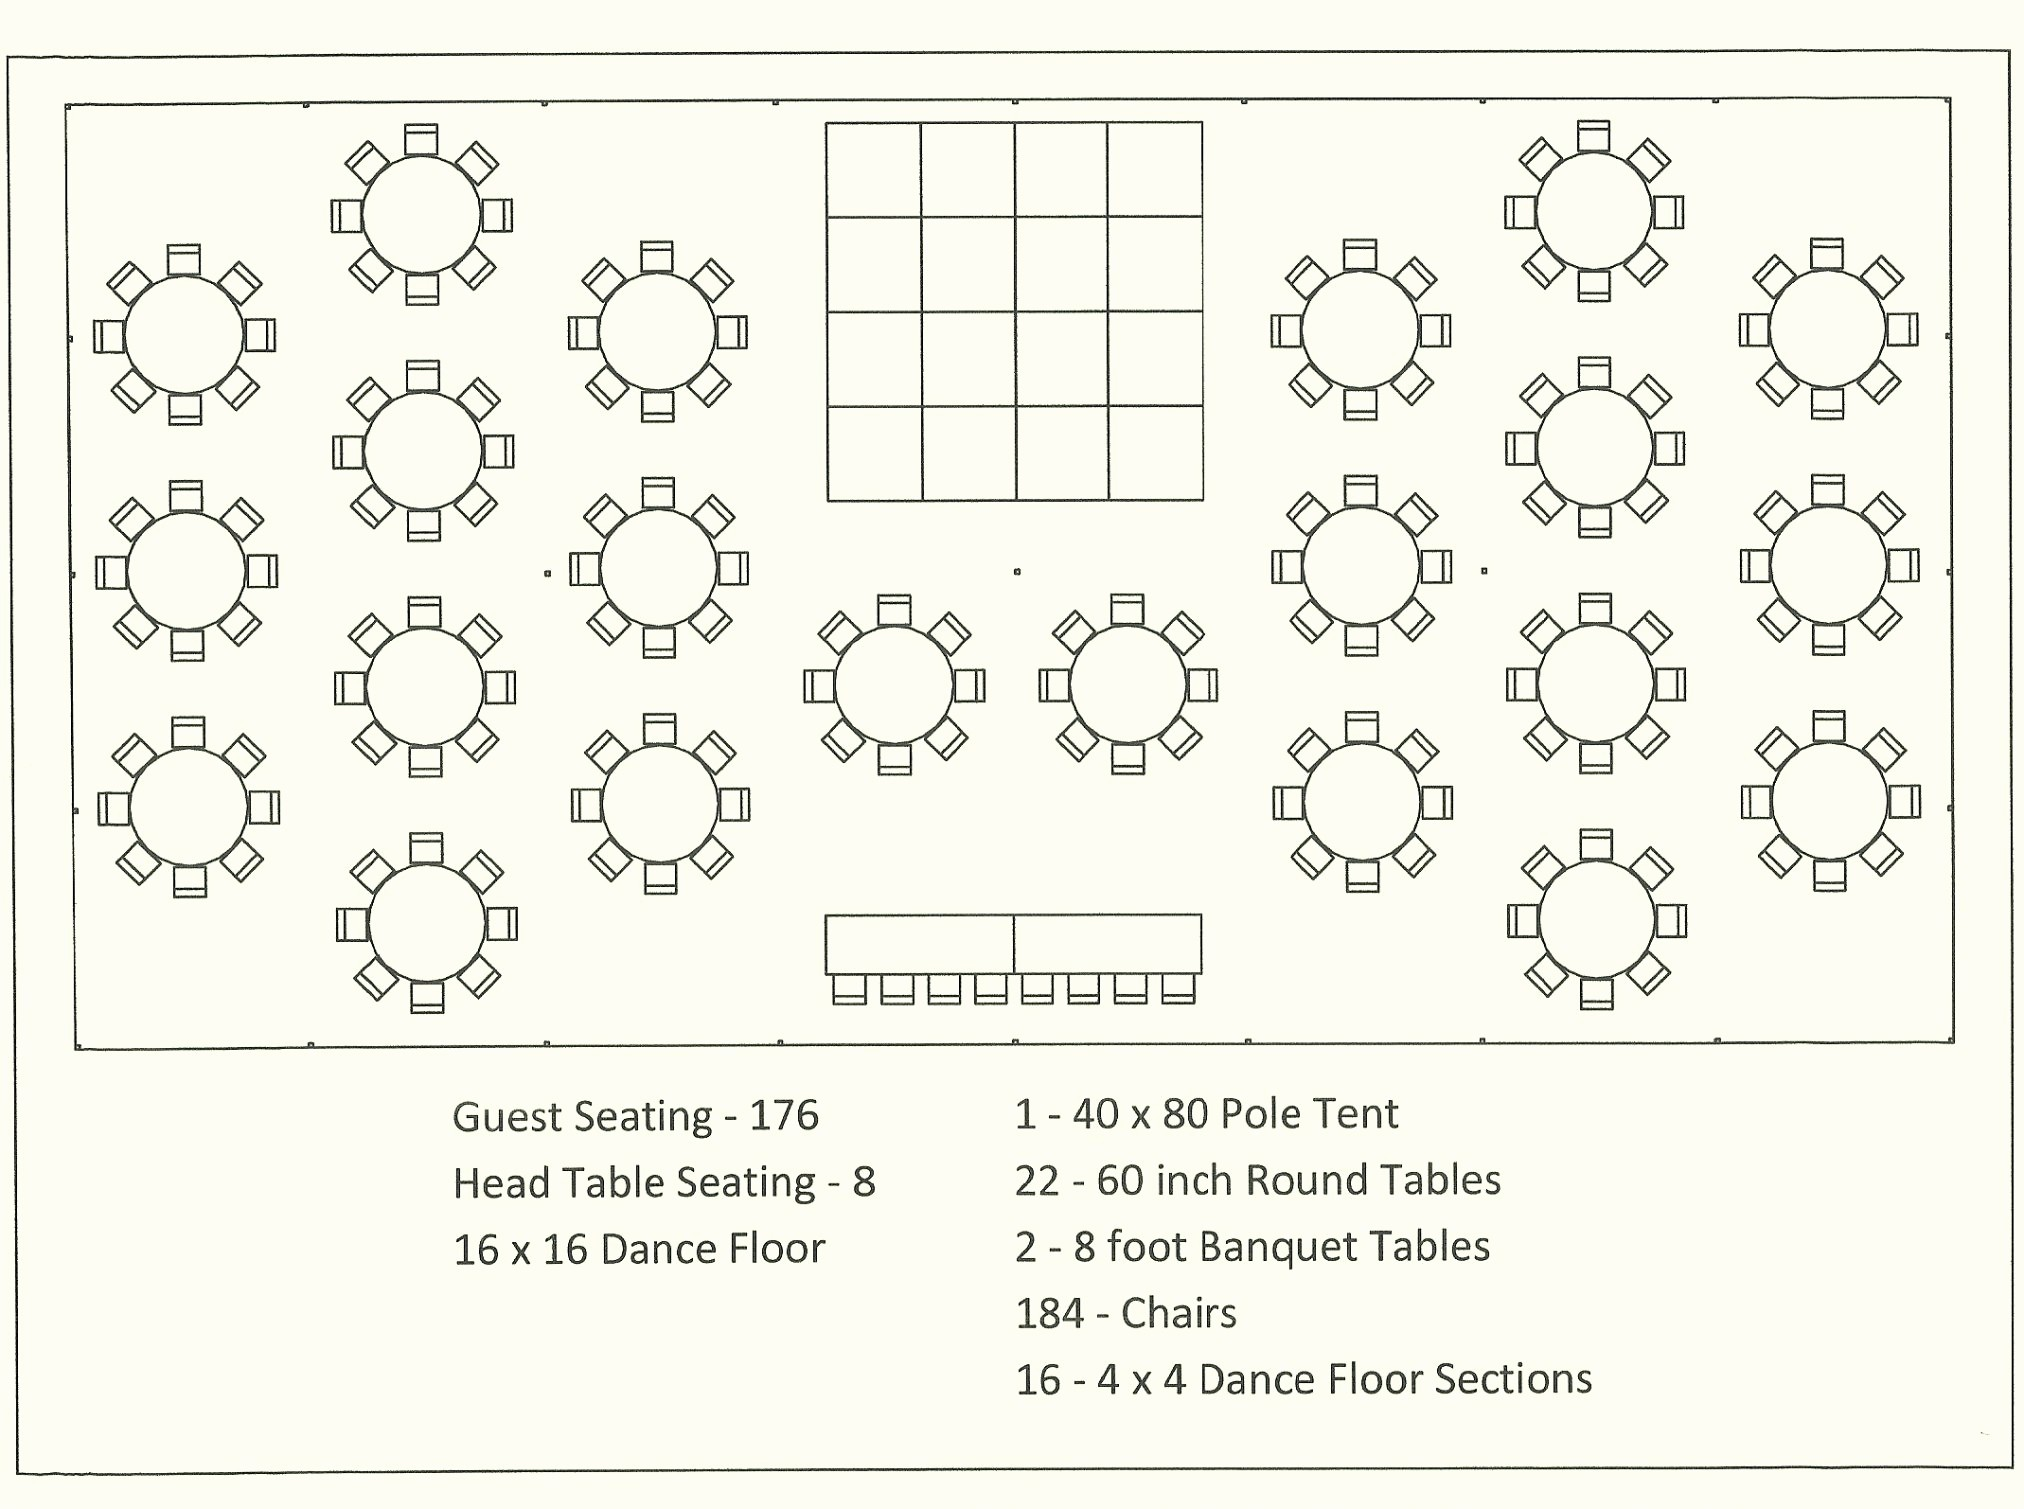 Printable Wedding Seating Chart Template Unique Free Wedding Reception Seating Chart Template